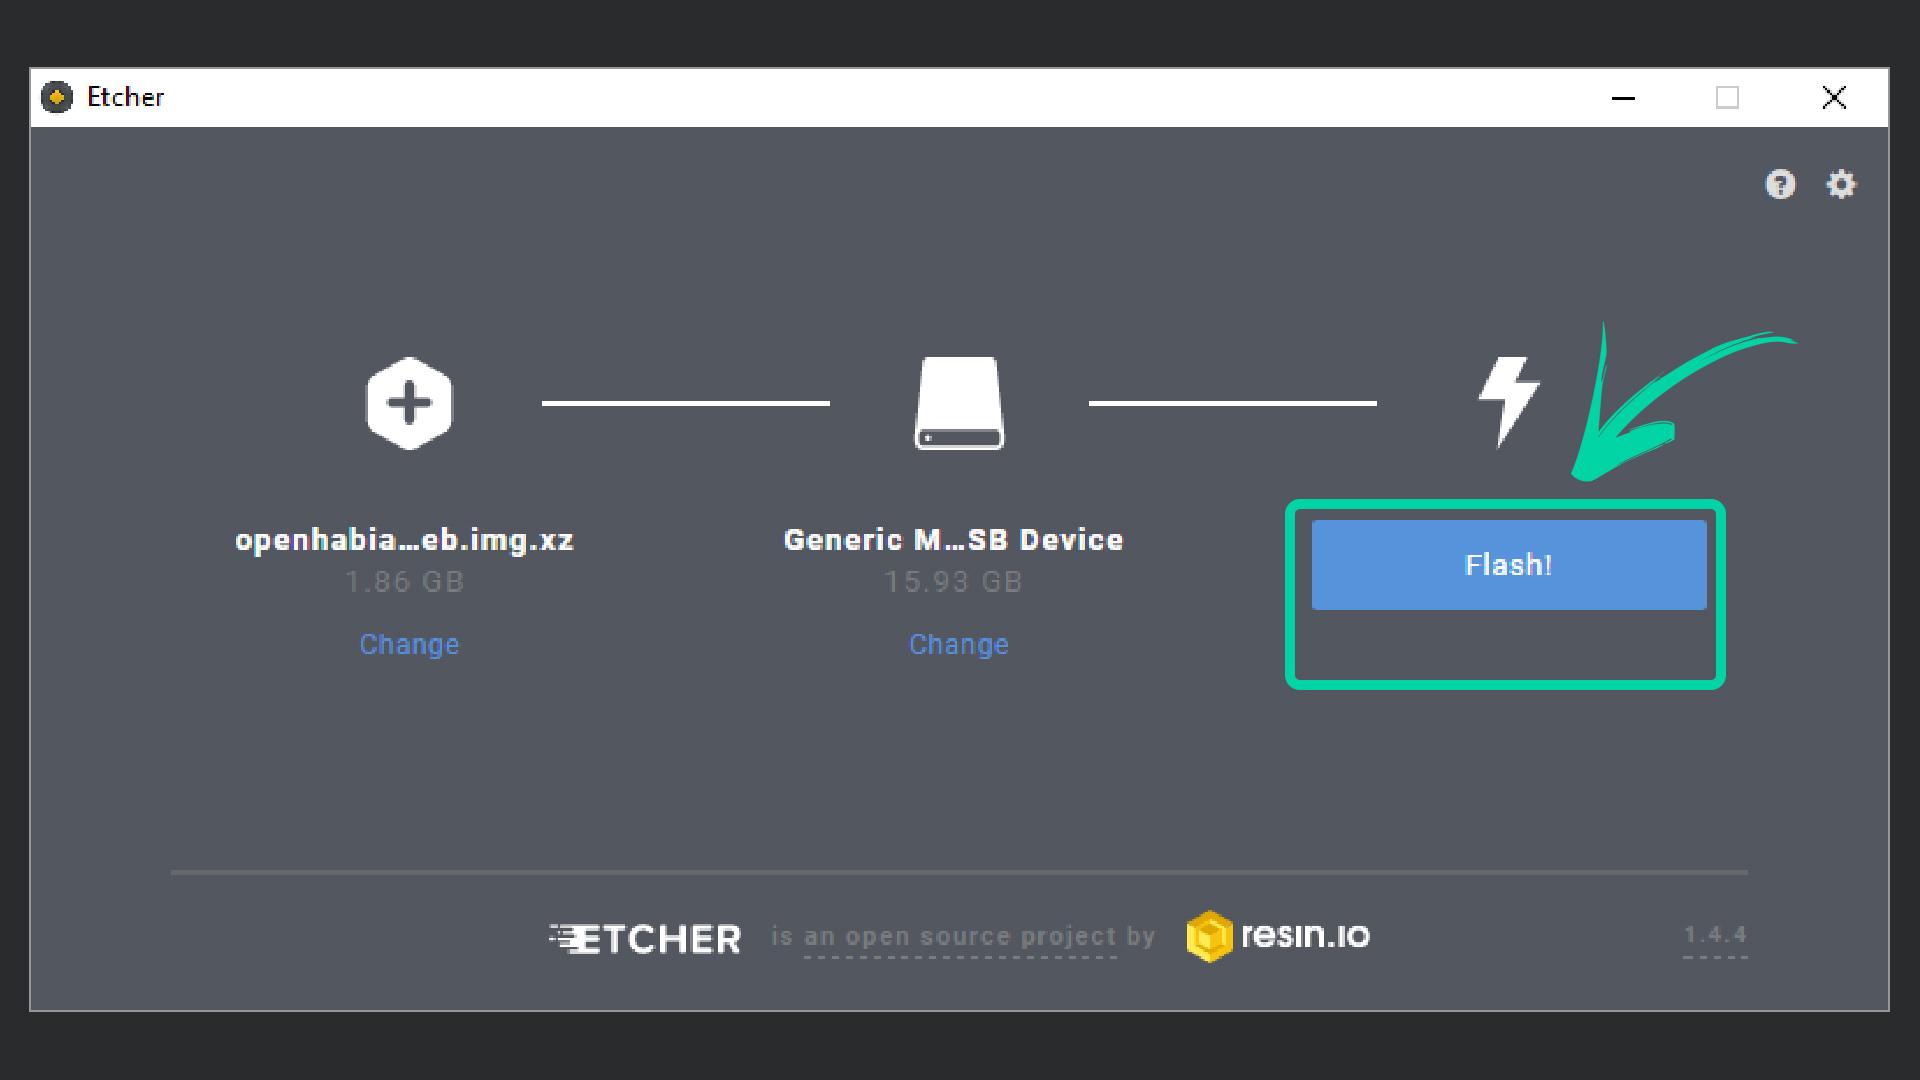 DigitaleWelt openHAB 2 - Etcher Flash (Schreiben)